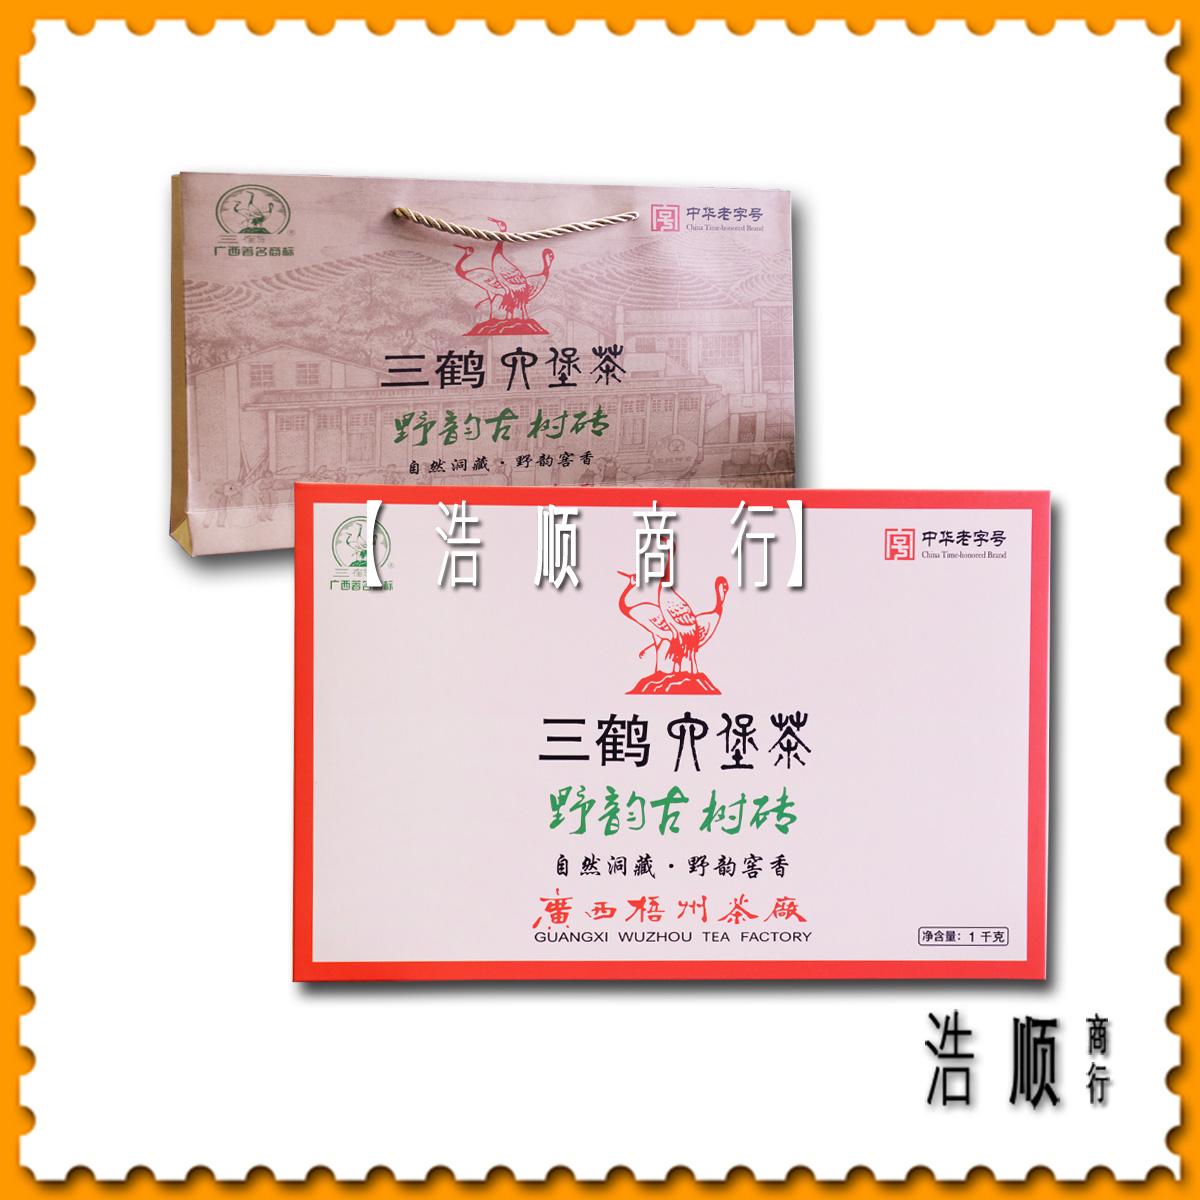 〓三鹤授权店〓【浩顺商行】梧州茶厂2018年野韵古树砖 六堡茶砖